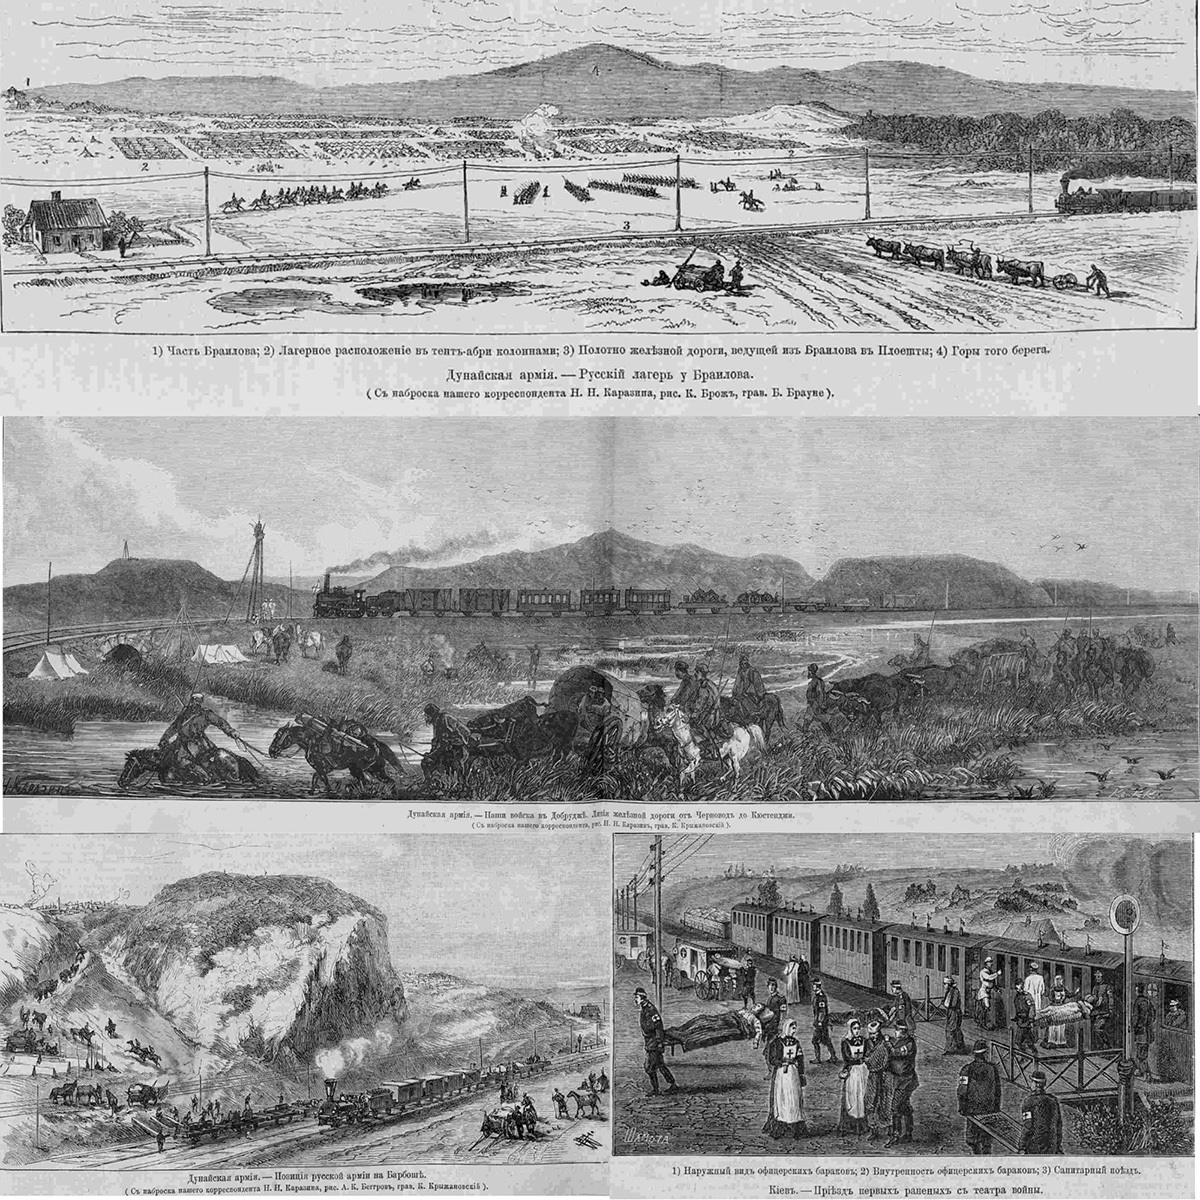 Железные дороги в Русско-турецкой войне 1877–1878 гг.